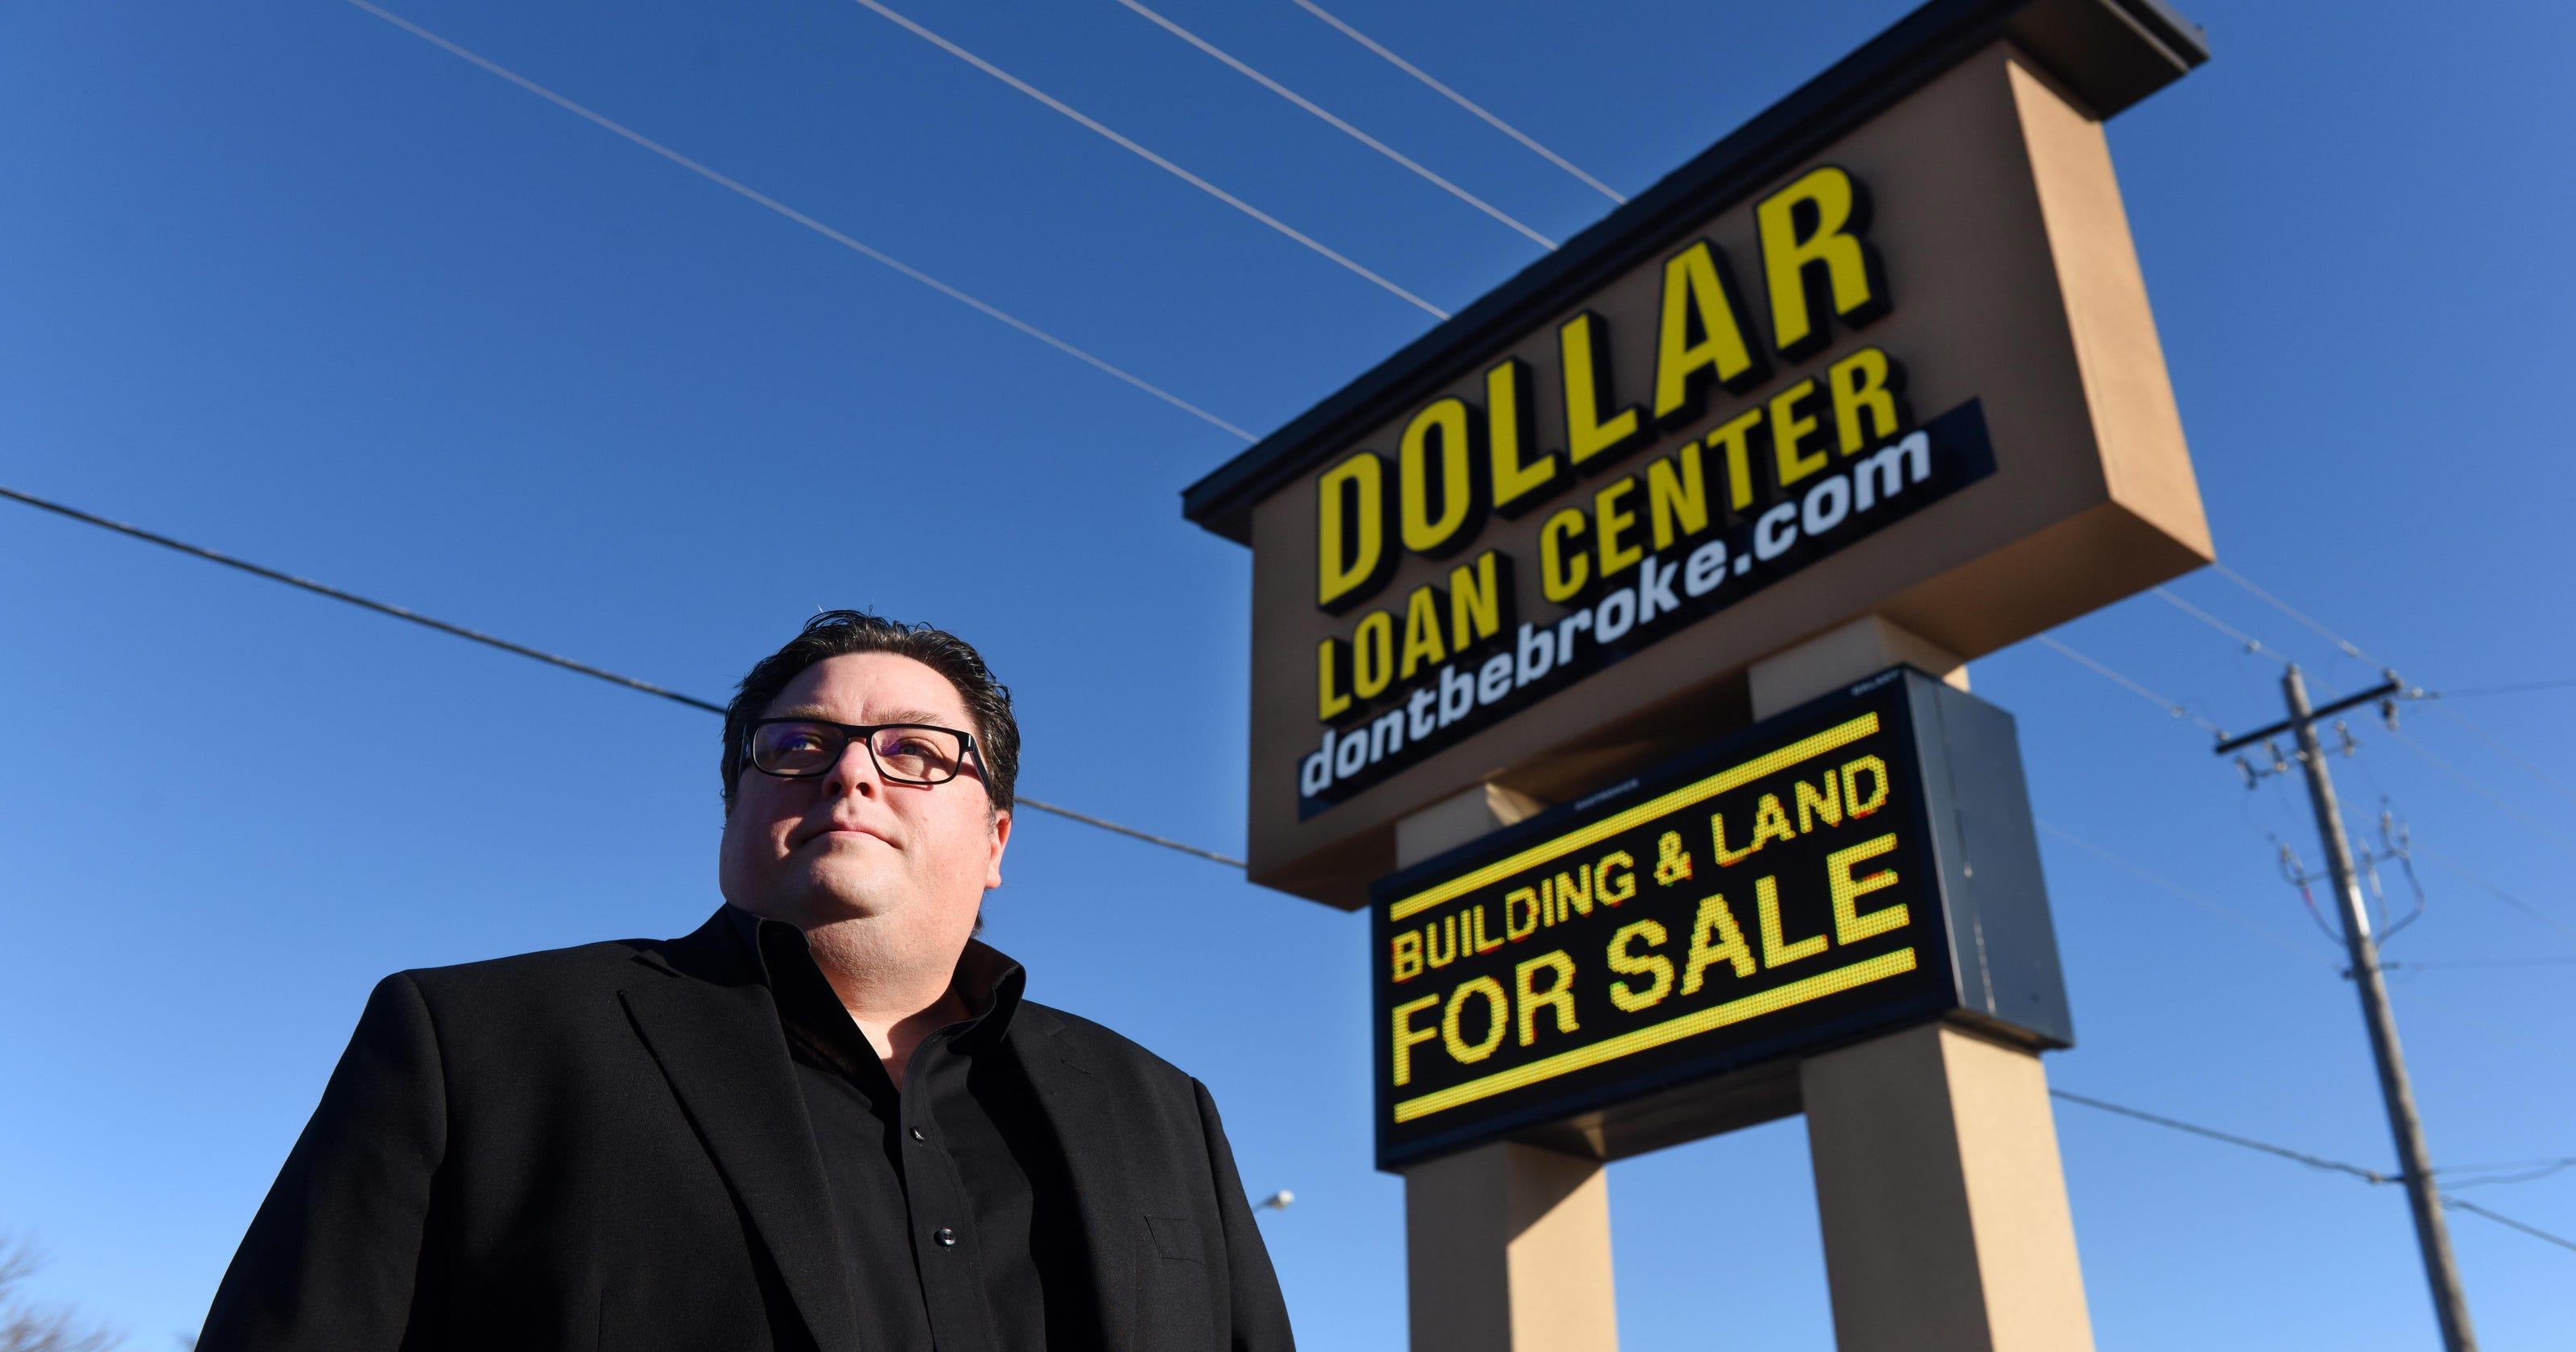 Dollar Loan Center re-opens in South Dakota